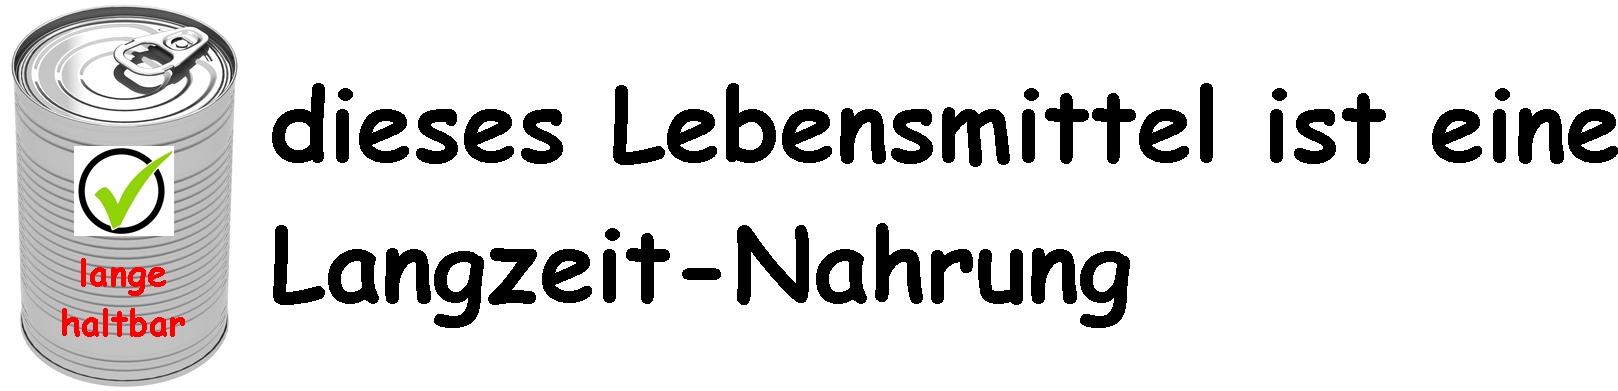 lange-haltbar_mit